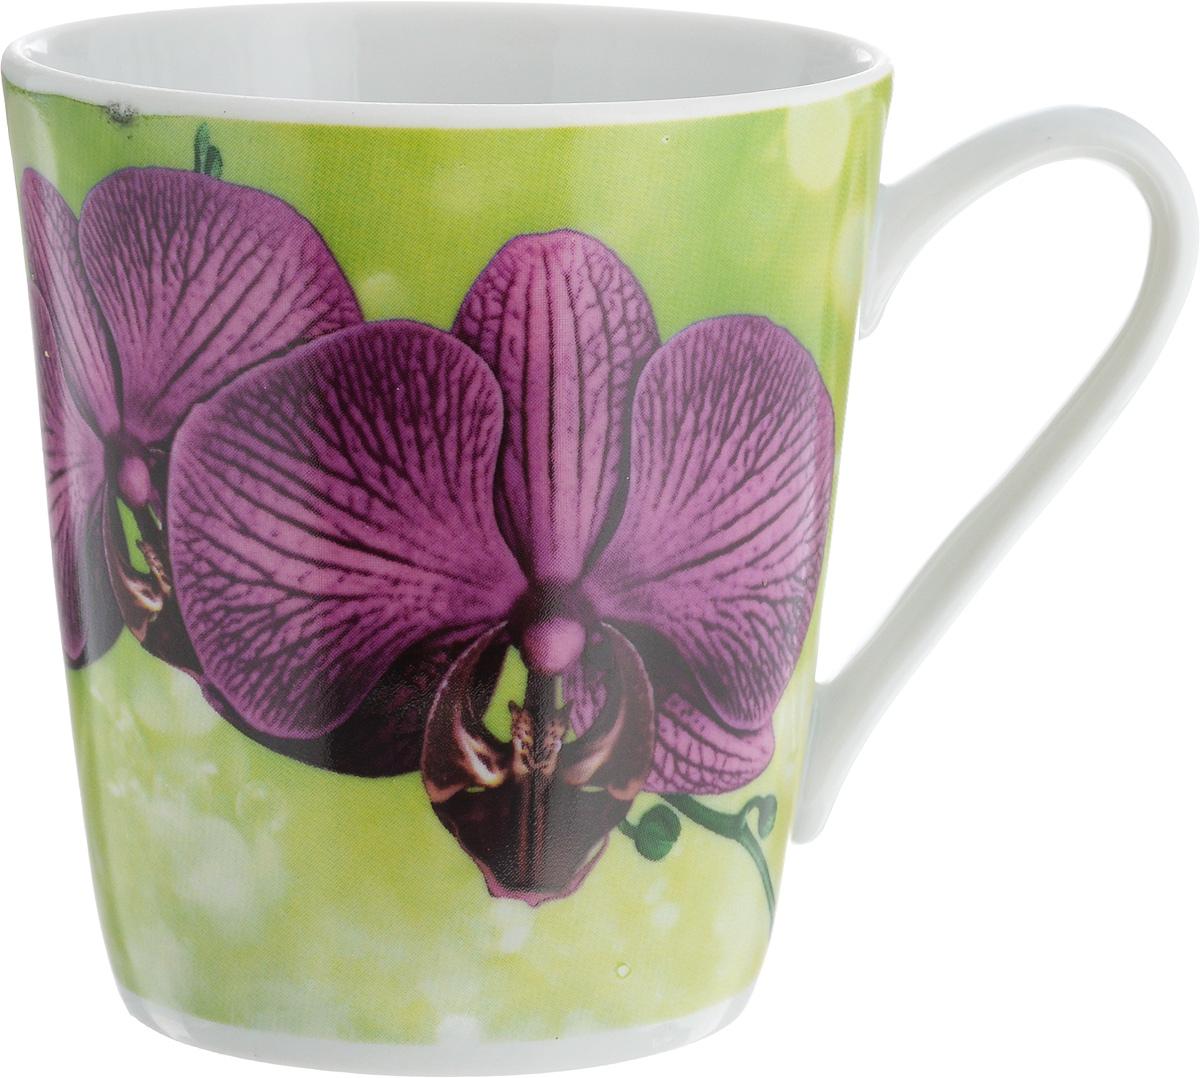 Кружка Классик. Орхидея, цвет: зеленый, фиолетовый, 300 мл3С0493_зеленый, фиолетовая орхидеяКружка Классик. Орхидея изготовлена из высококачественного фарфора. Изделие оформлено красочным цветочным рисунком и покрыто превосходной сверкающей глазурью. Изысканная кружка прекрасно оформит стол к чаепитию и станет его неизменным атрибутом.Диаметр кружки (по верхнему краю): 8,5 см.Высота стенок: 9,5 см.